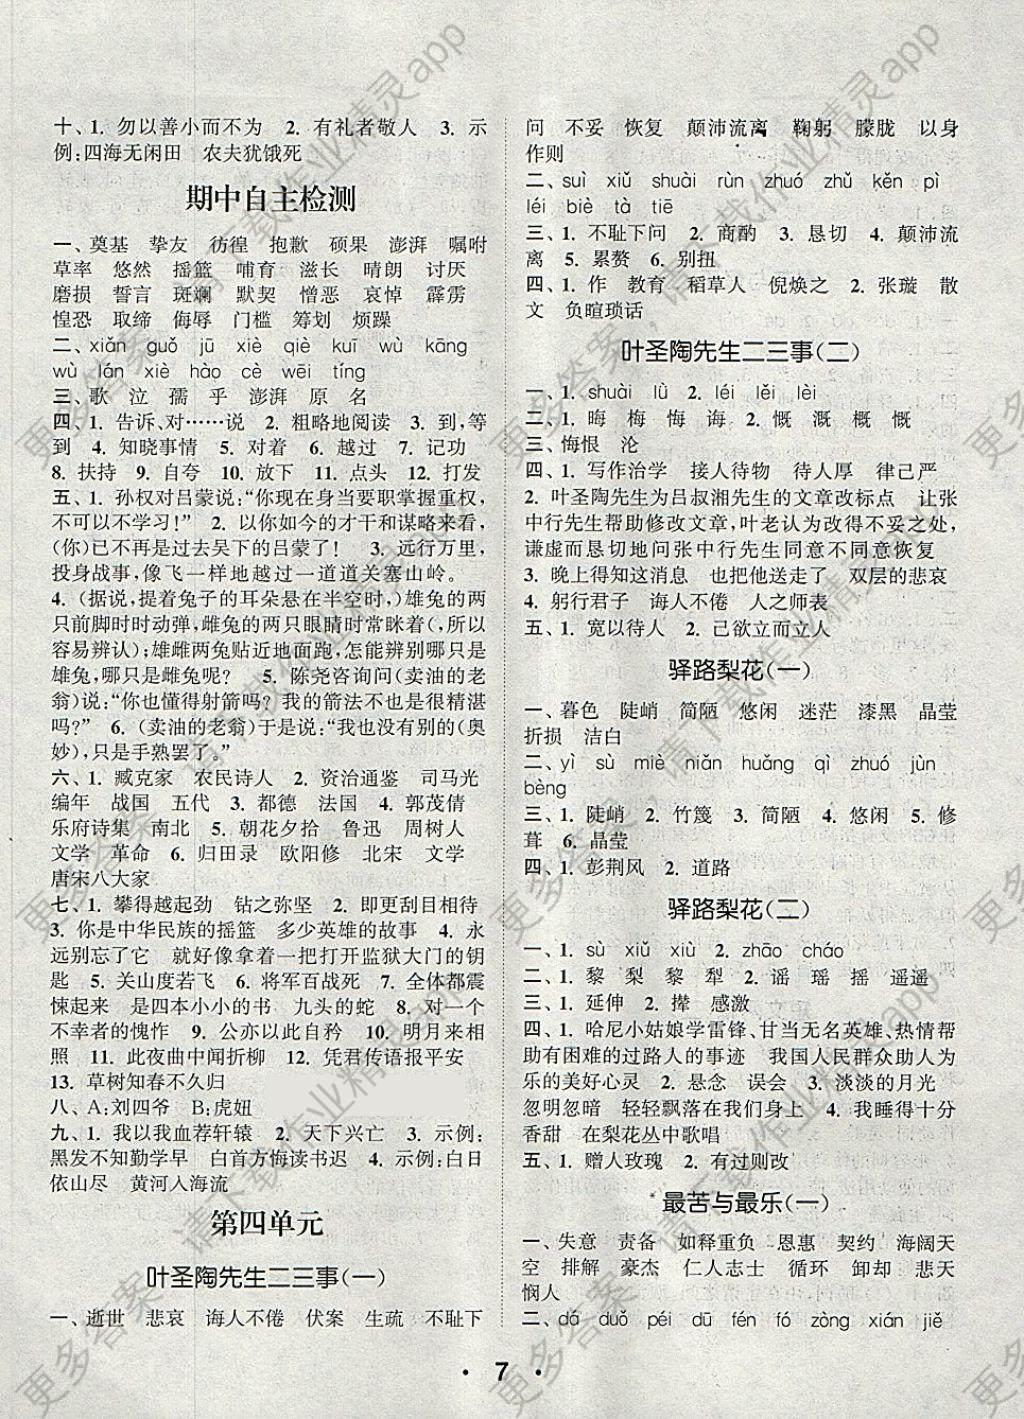 2018年通城学典下册人教默写手七初中初中年级版措施汉朝语文图片